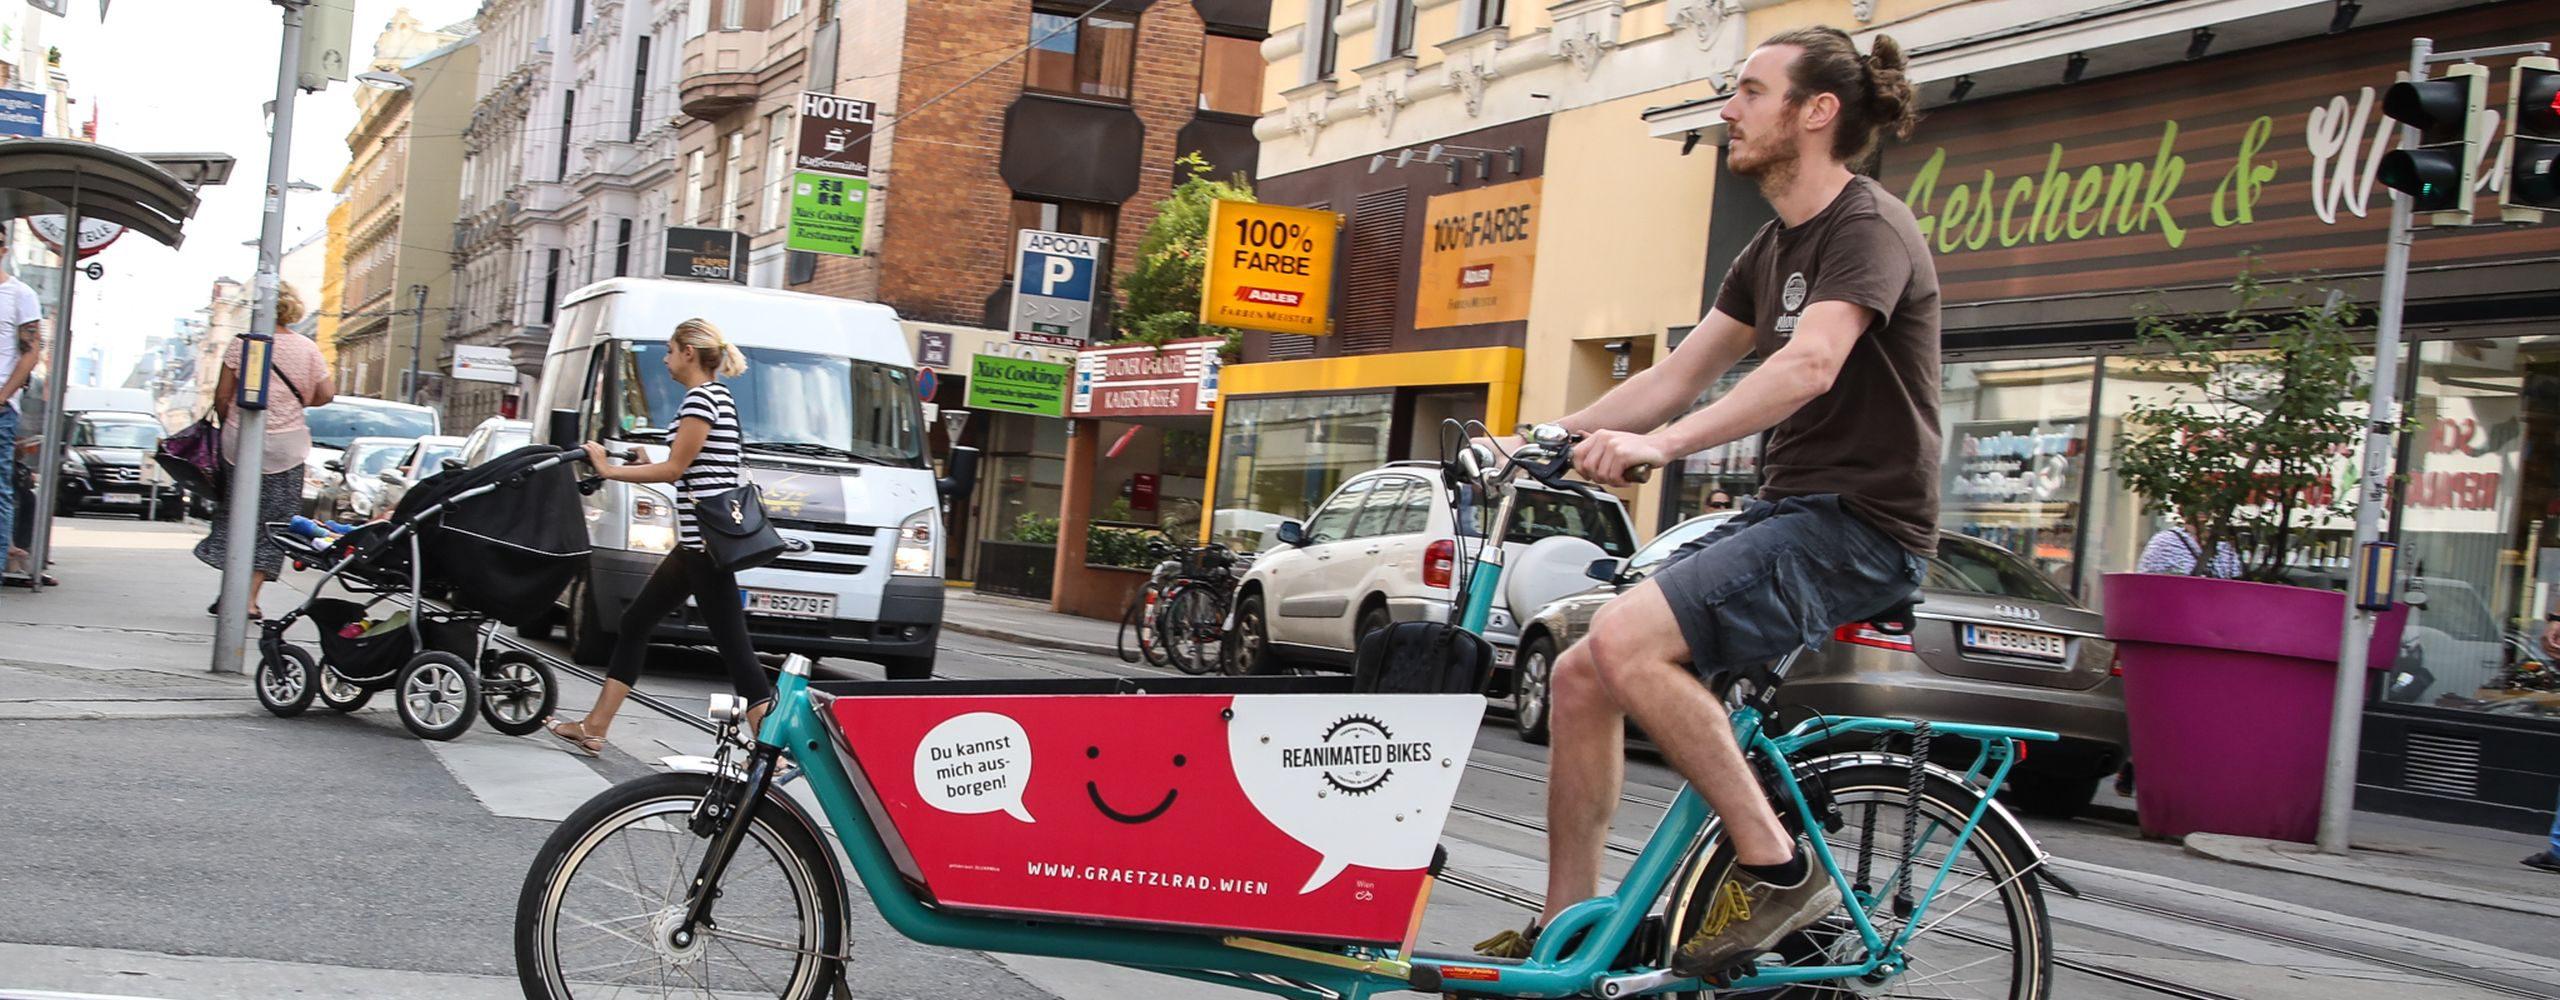 Grätzelräder sind Transportfahrräder die man sich kostenlos ausborgen kann. In Wien gibt es im Jahr 2018 14 Grätzlräder an 13 Standorten. Foto: Christian Fürthner